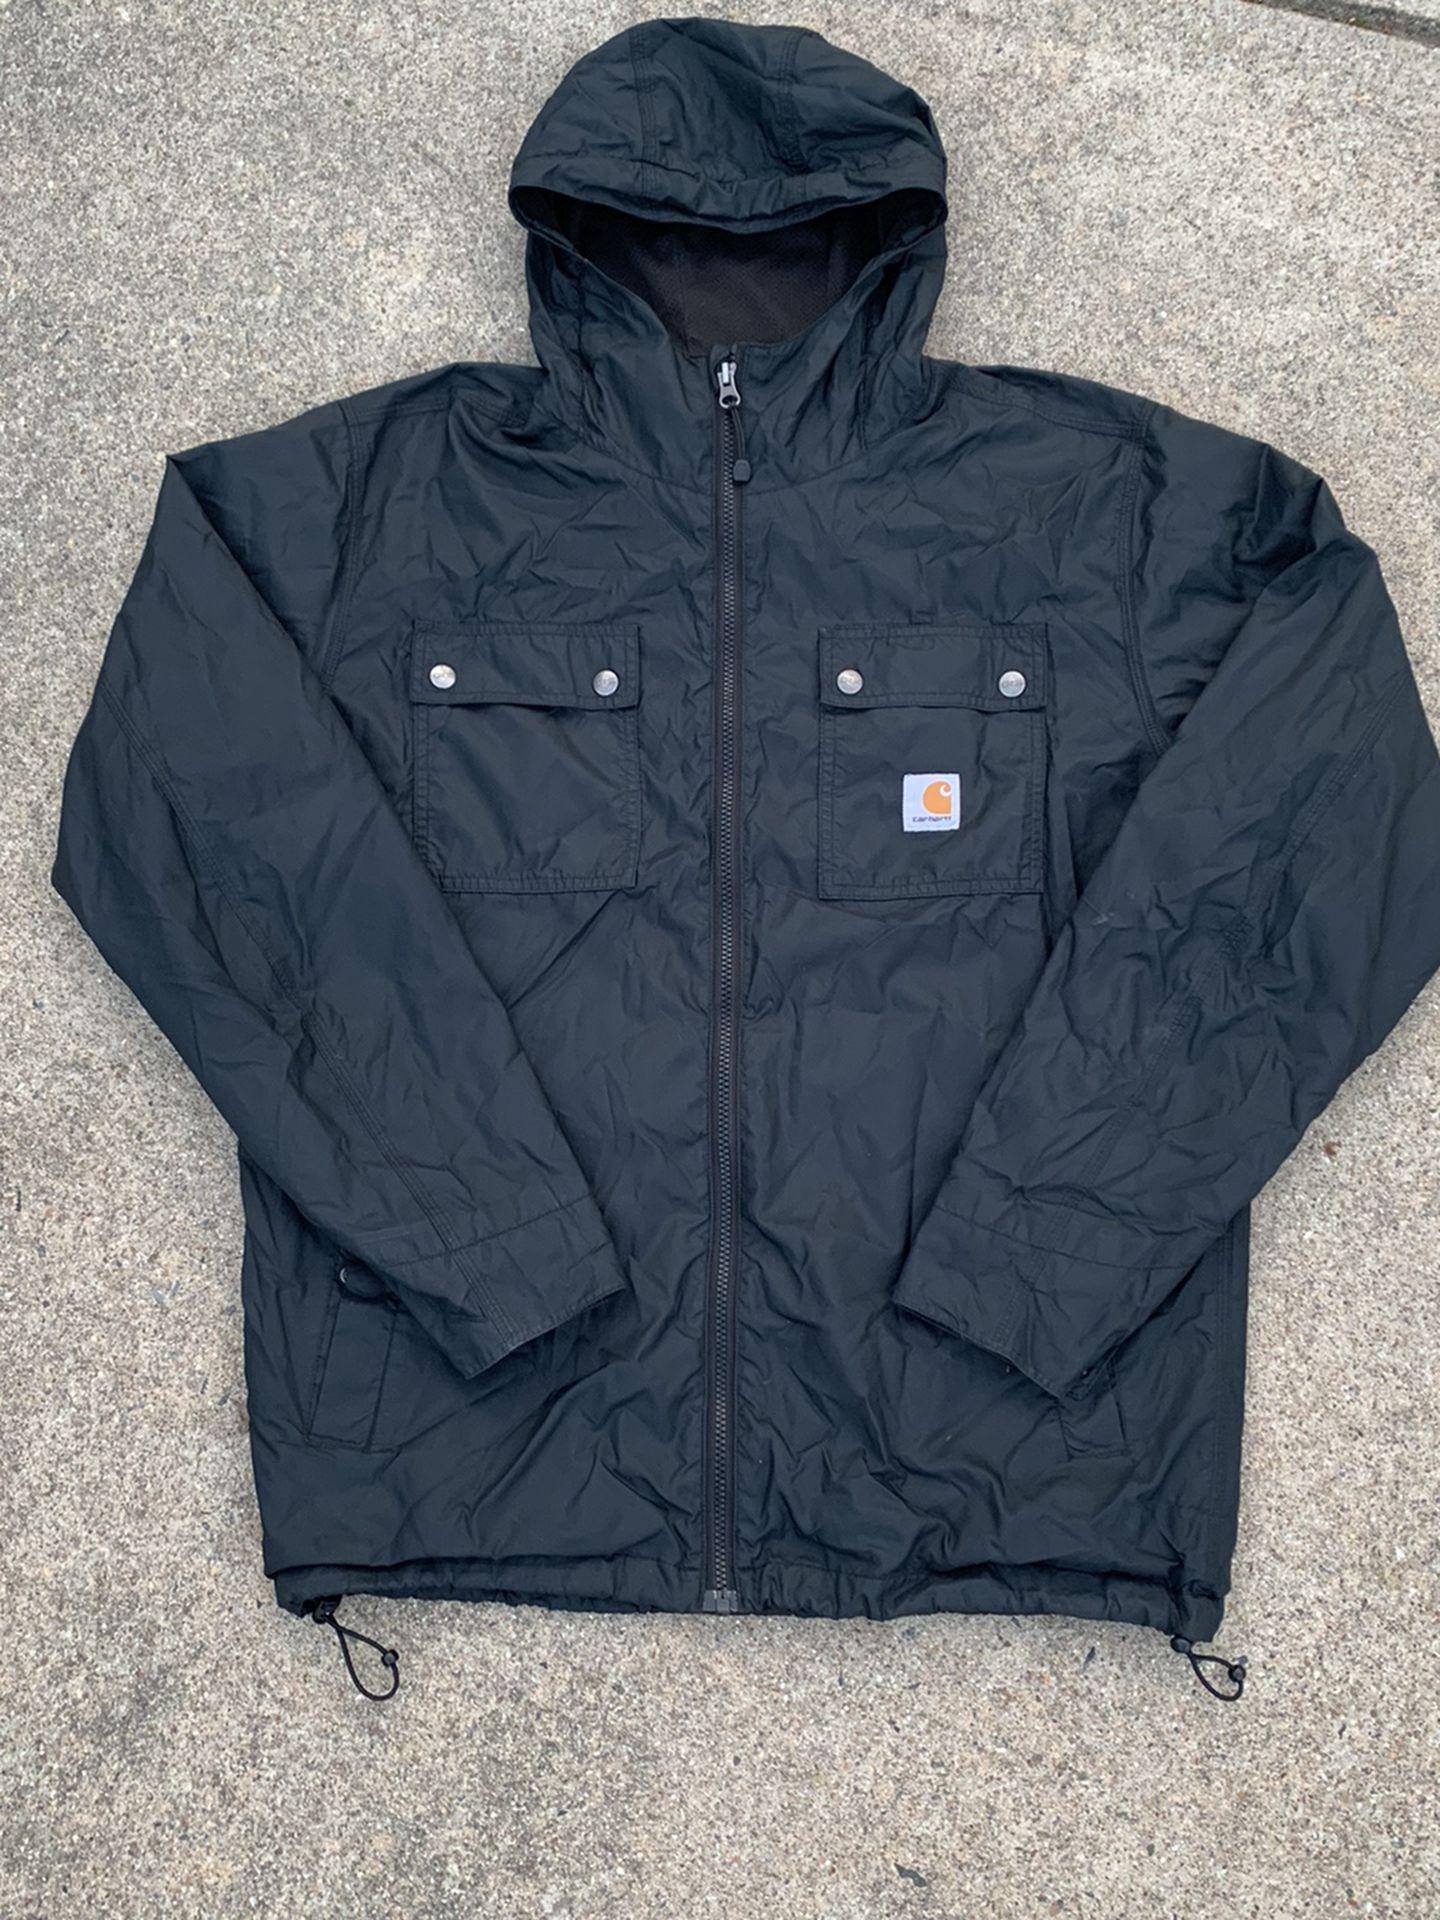 Carhartt hoodie/windbreaker